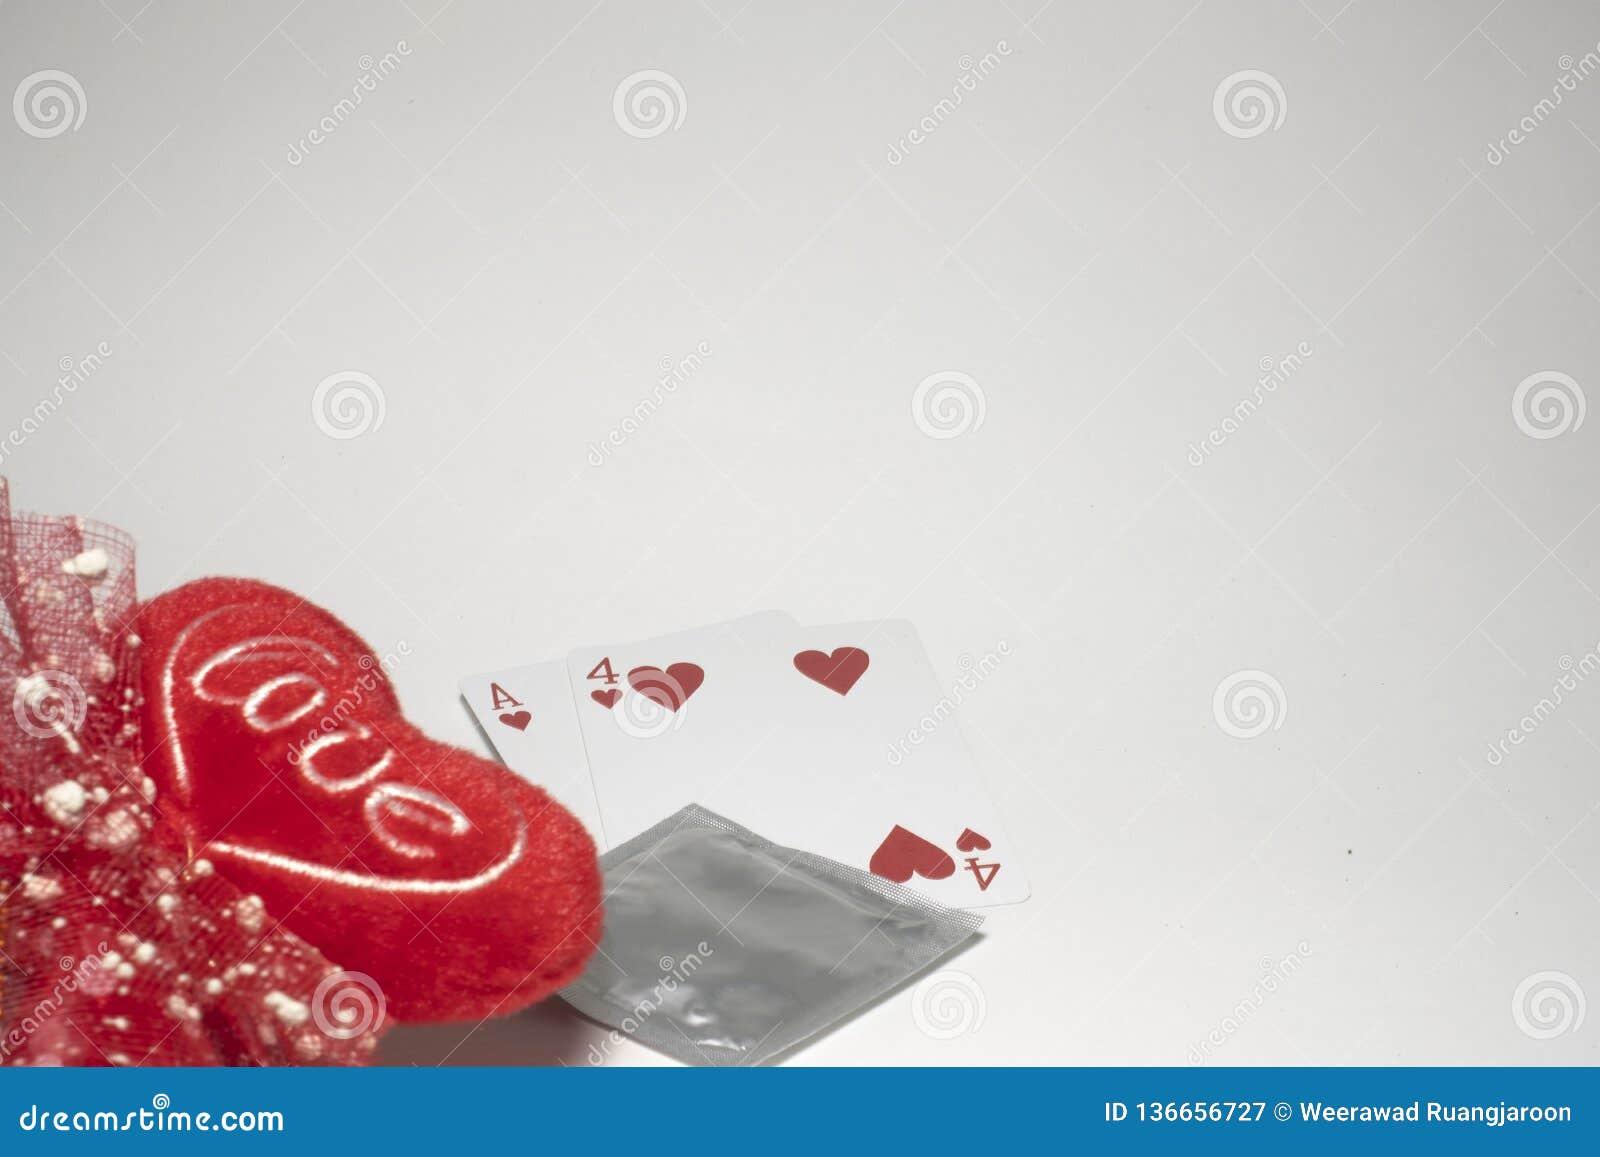 Valentines& x27; dia de s, número quatorze números do cartão, preservativo para impedir o conceito novo do amor do sexo seguro do